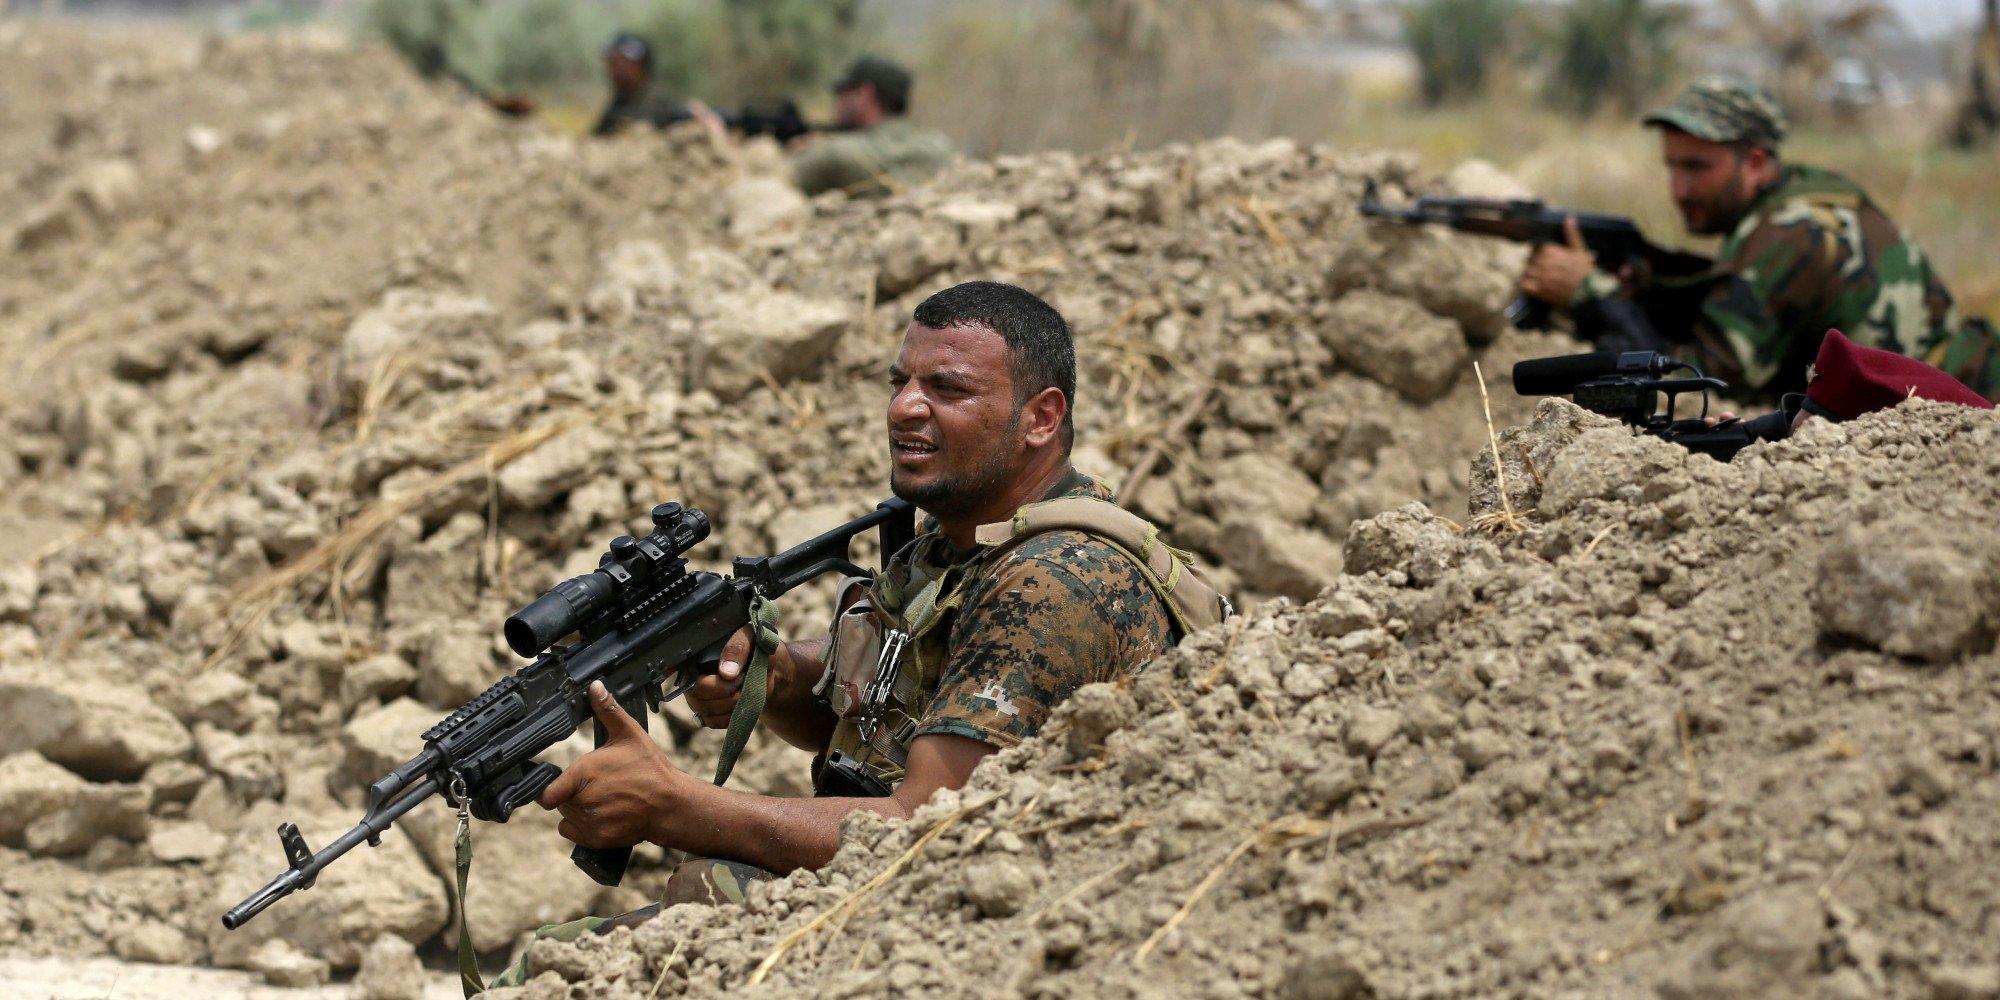 الحشد الشعبي : المباشرة بعمليات تفتيش وتعقب خلايا داعش في قرية تل شرف